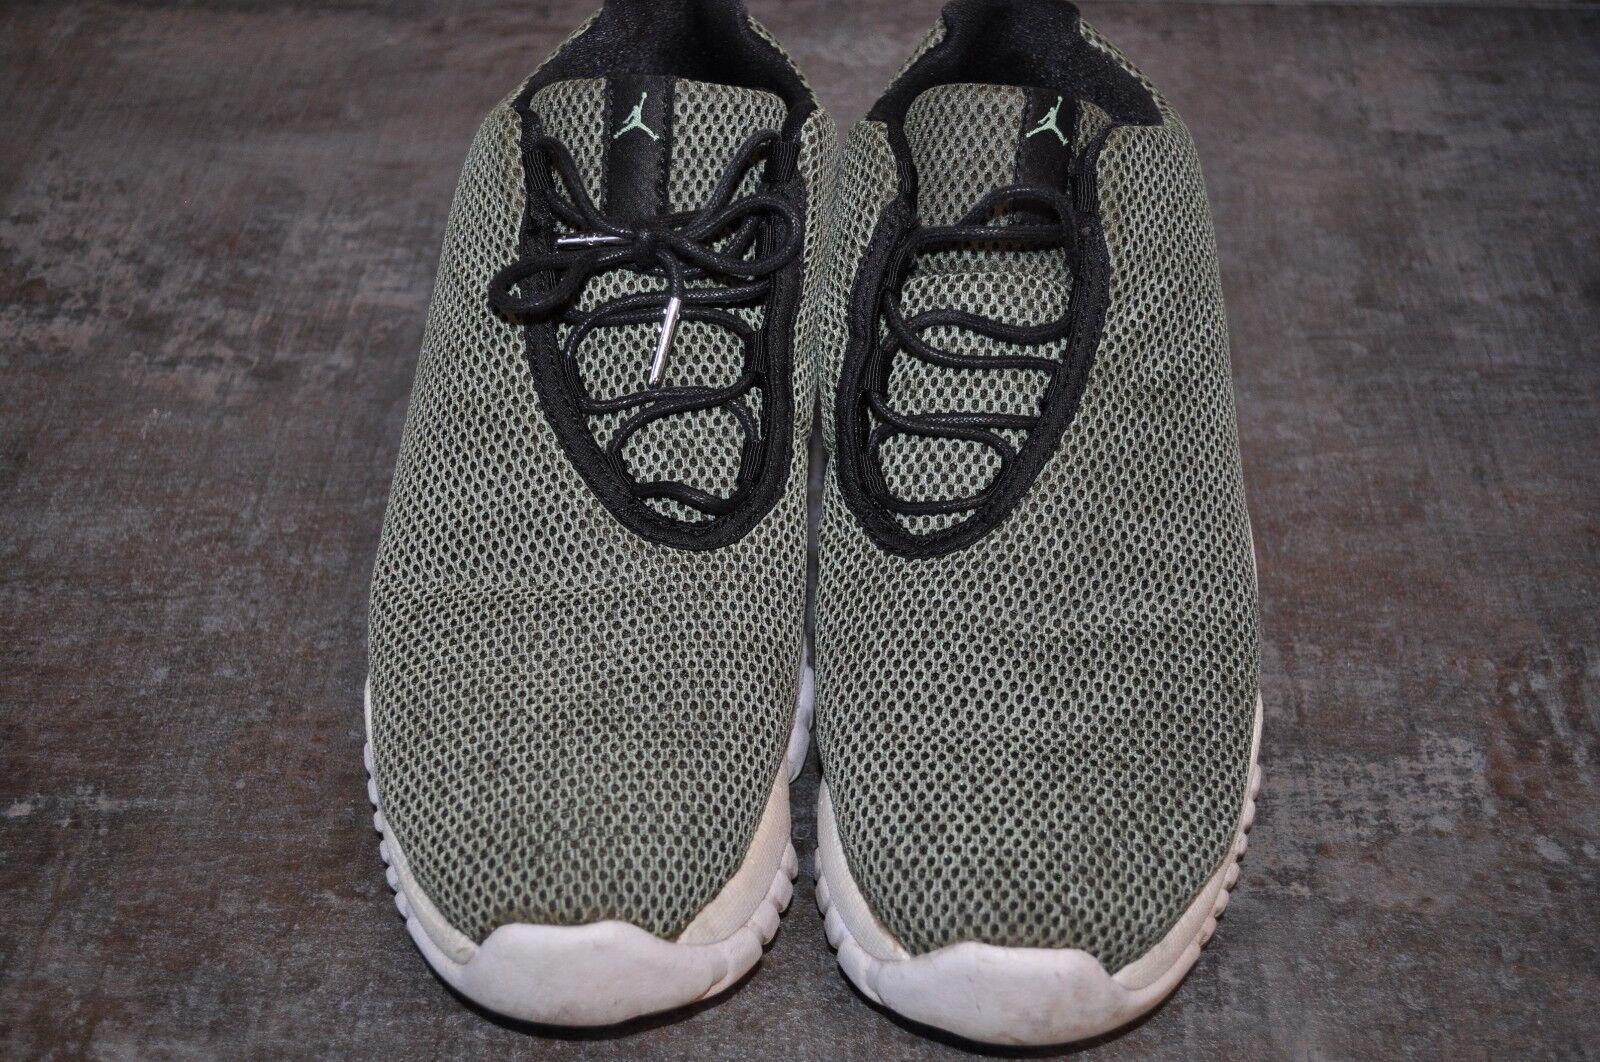 Jordan Future Niedrig Sneaker Gr 44,5 Farbe gruen/schwarz/weiss